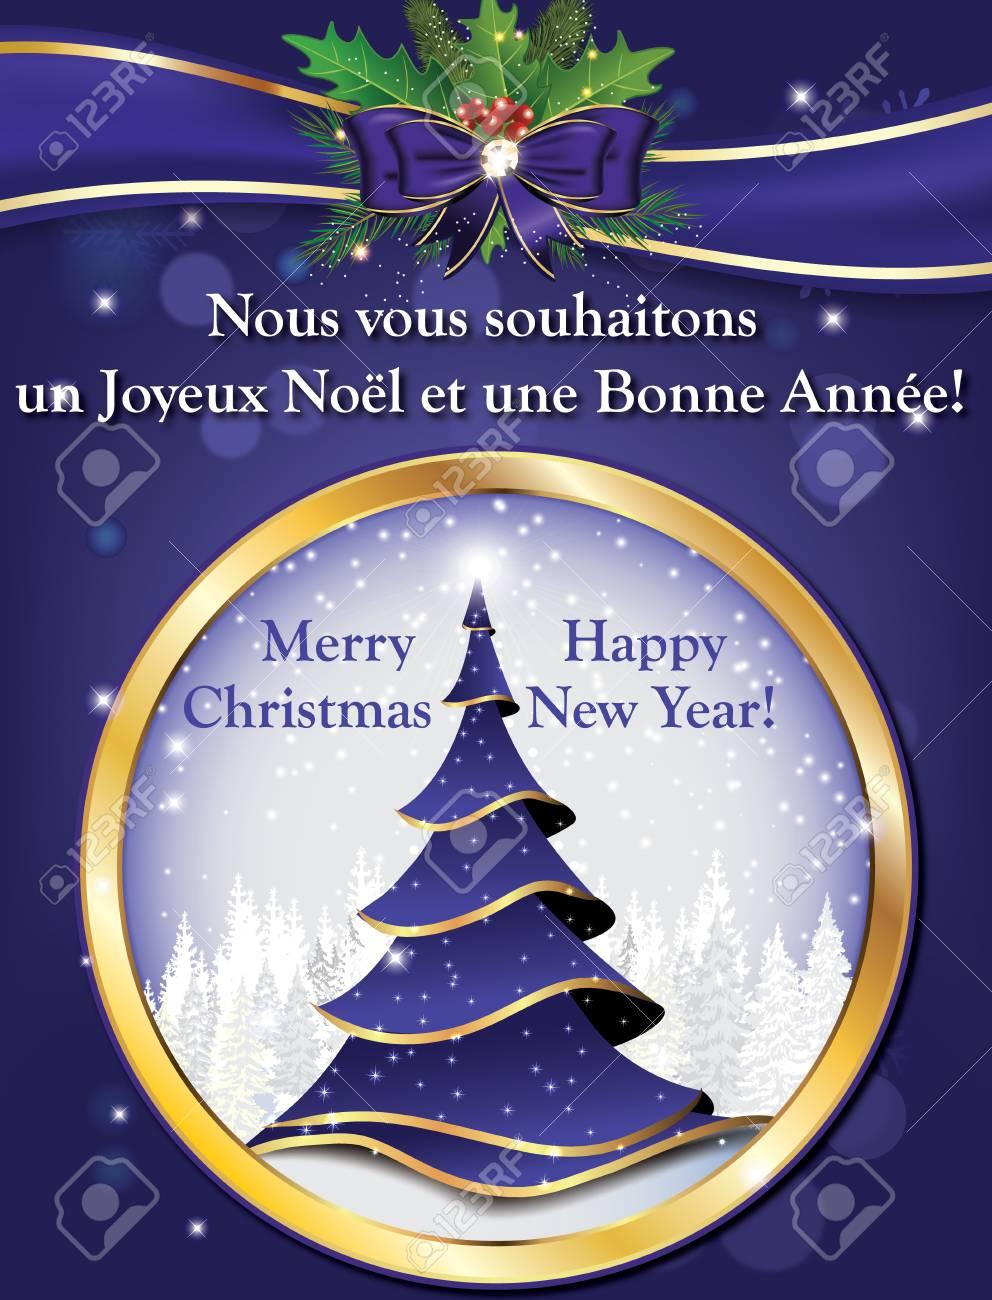 Auguri Di Buon Natale Francese.Nous Vous Un Souhaitons Joyeux Noel Et Une Bonne Annee Biglietto Di Auguri Francese Traduzione Del Testo Vi Buon Natale E Felice Anno Nuovo